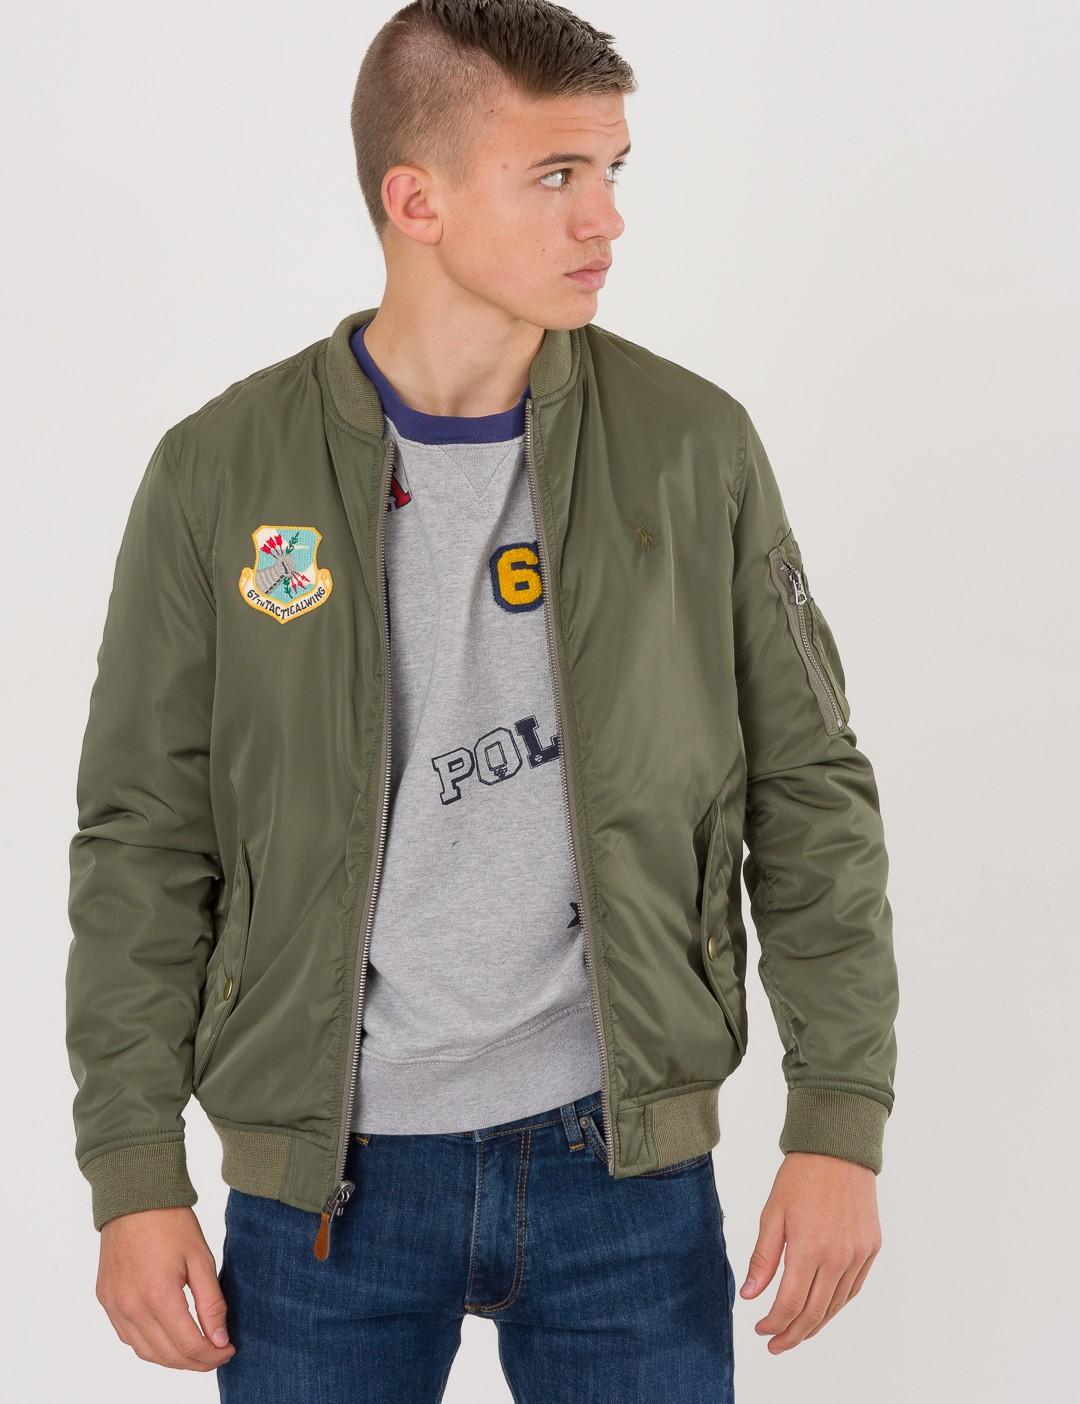 a286ea2aa01 closeout ralph lauren jackets grønn beige 3ec98 e4ea7